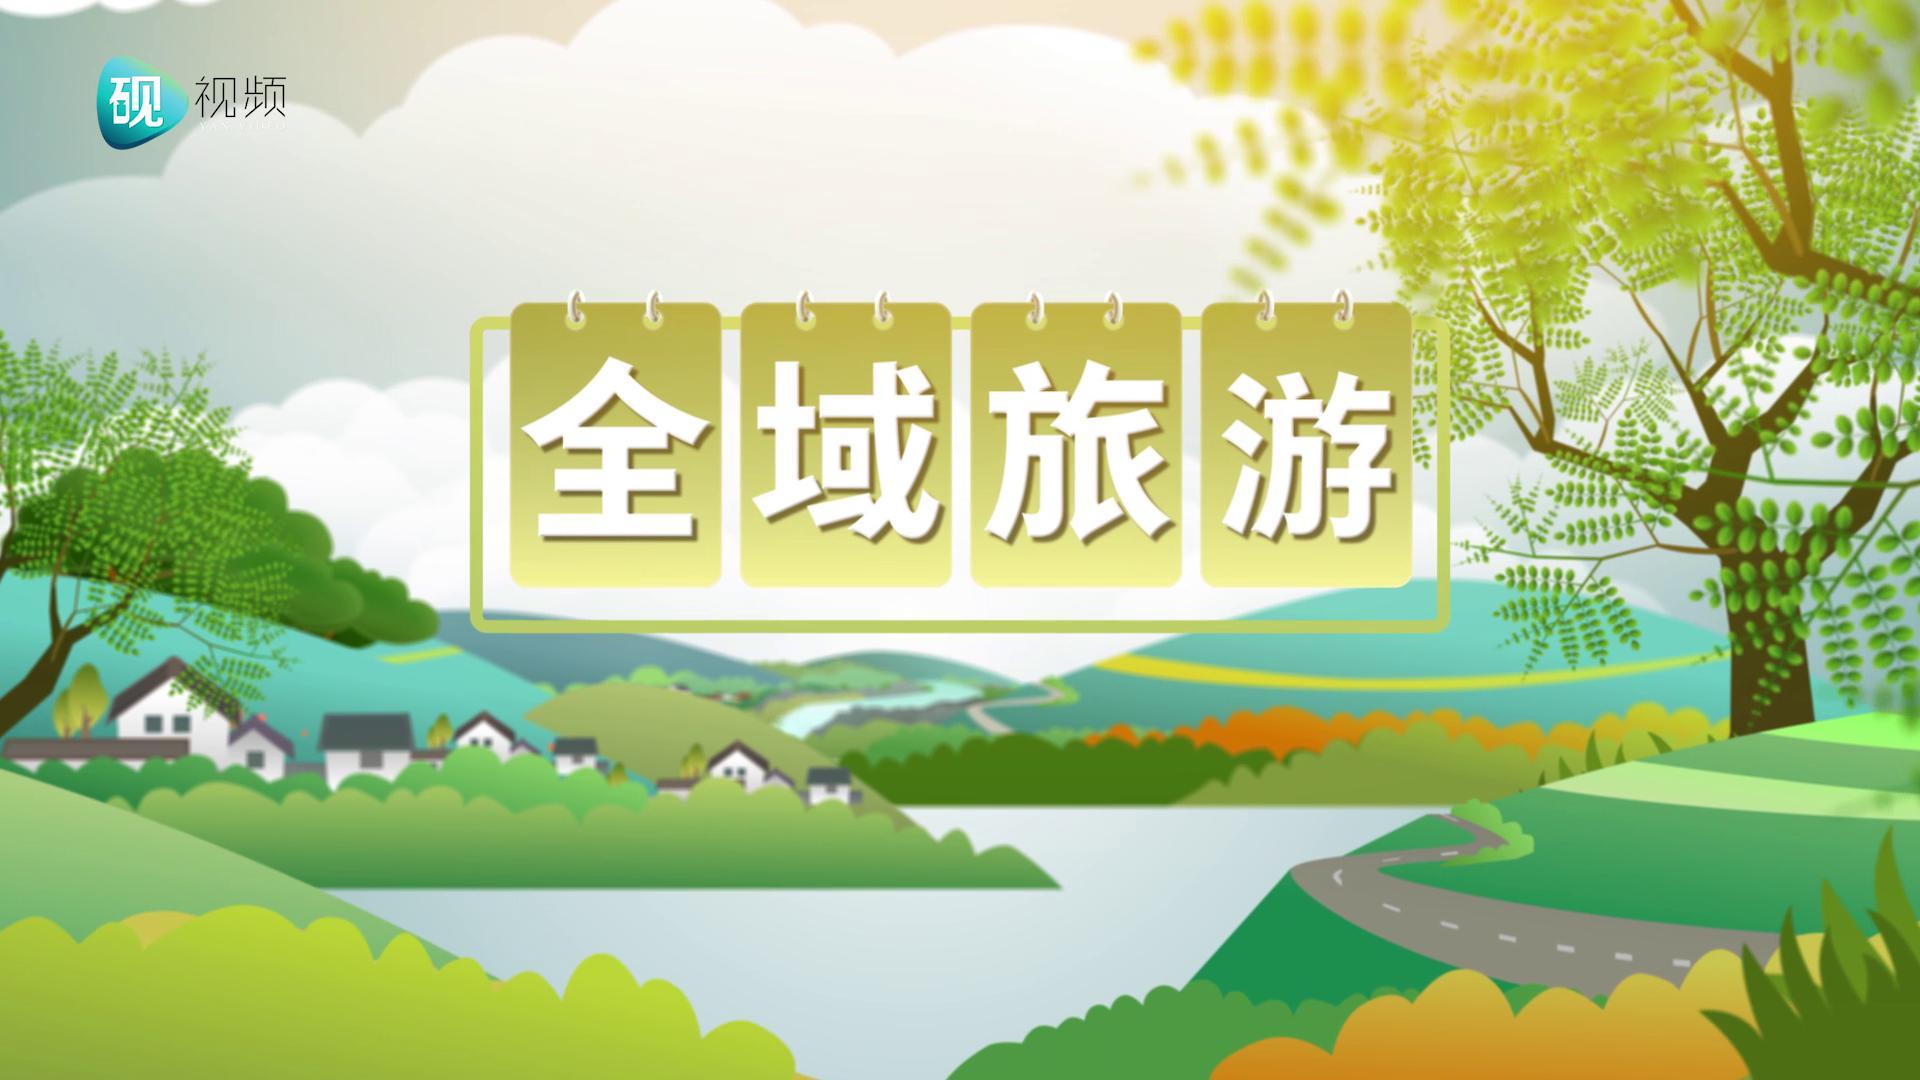 """【封开全域旅游专题】""""封""""韵犹存 探寻古村落之旅"""